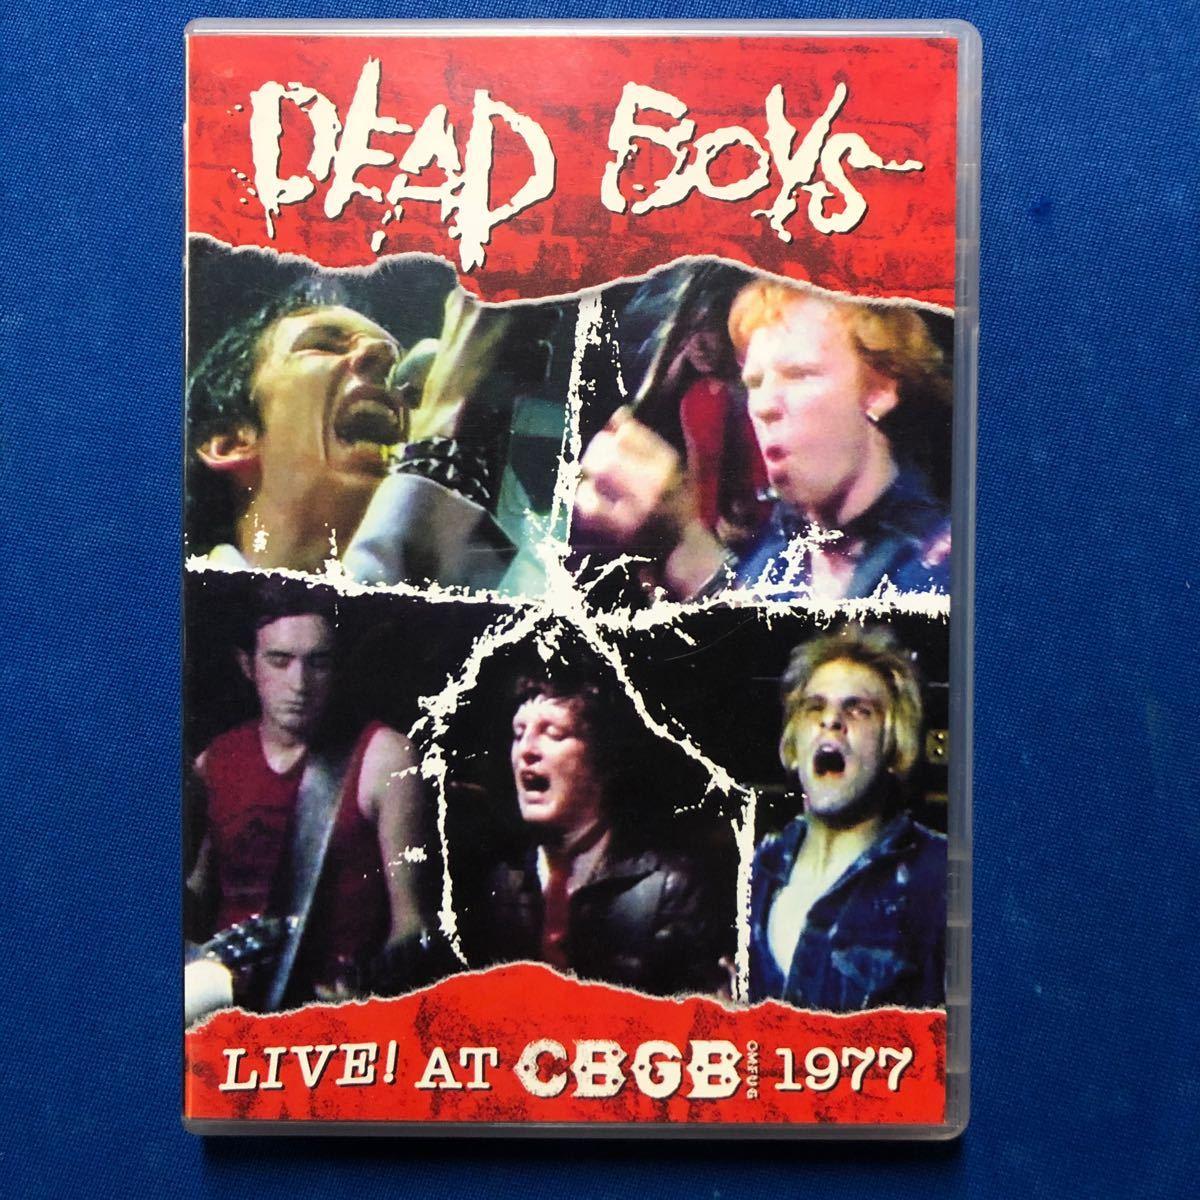 DEAD BOYS / Live! At Cbgb 1977 DVD